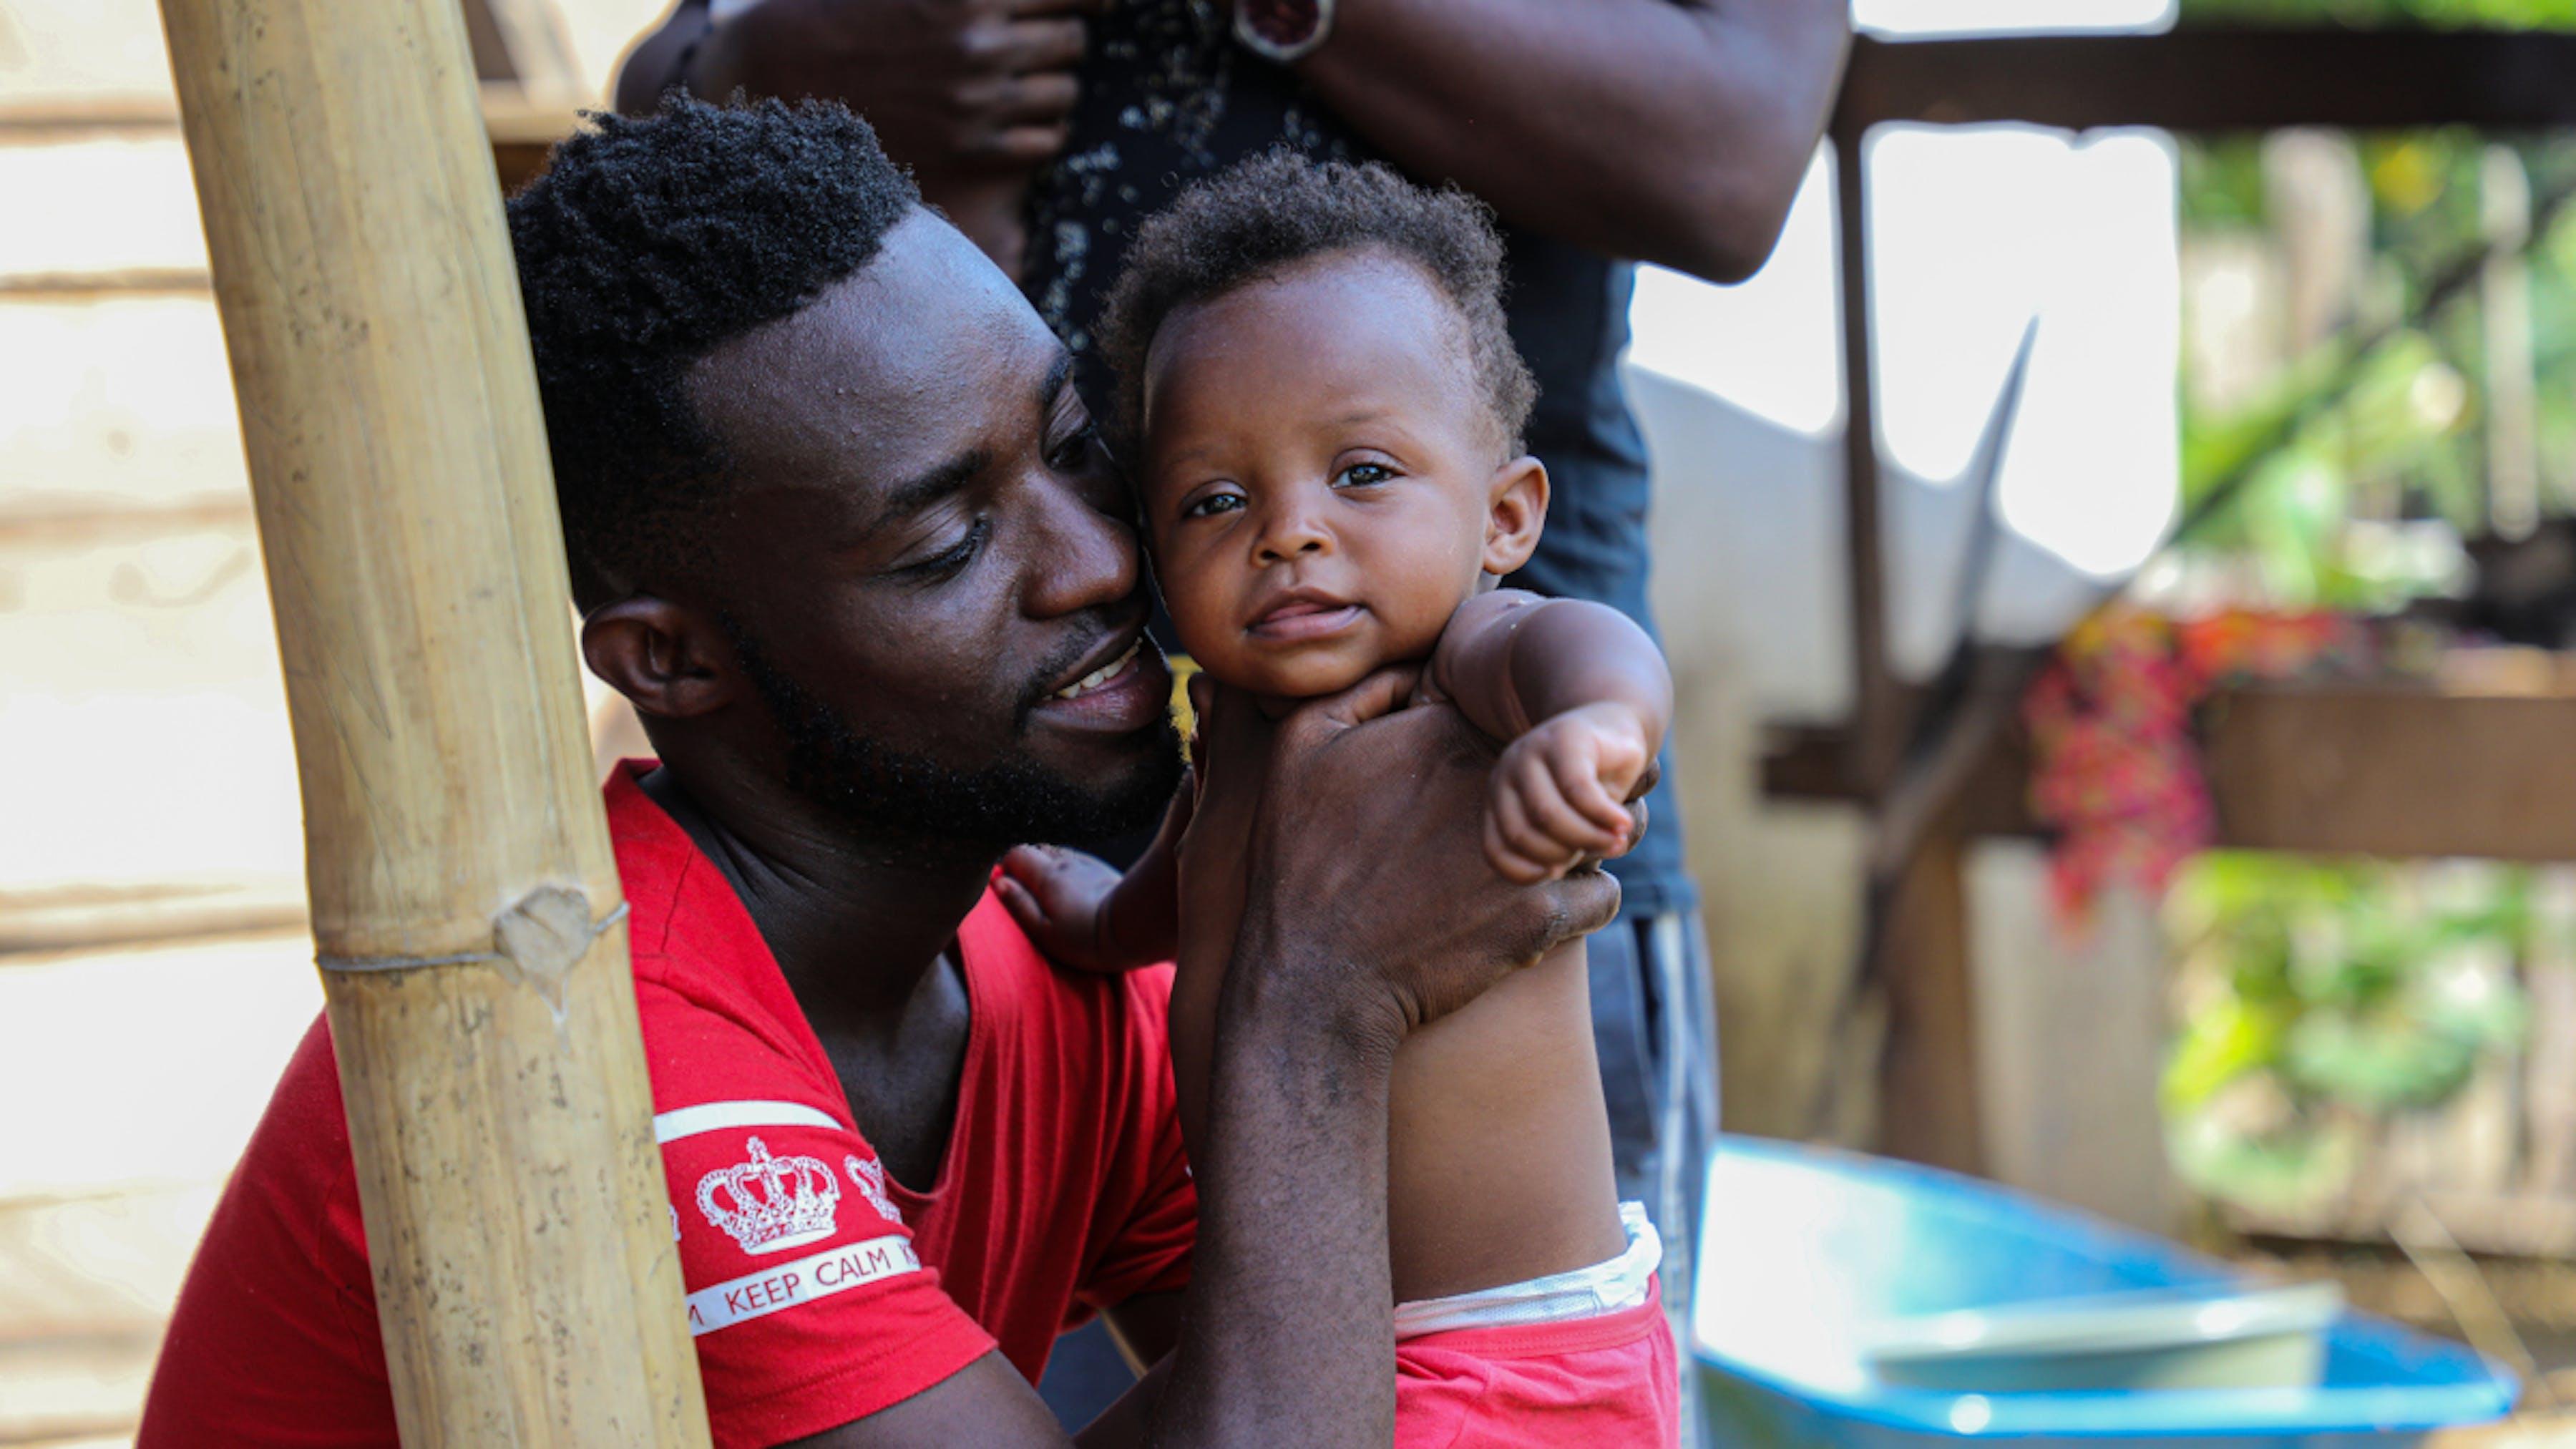 Panama, un papà con suo figlio, appena giunti nel centro di accoglienza, in attesa di essere visitati